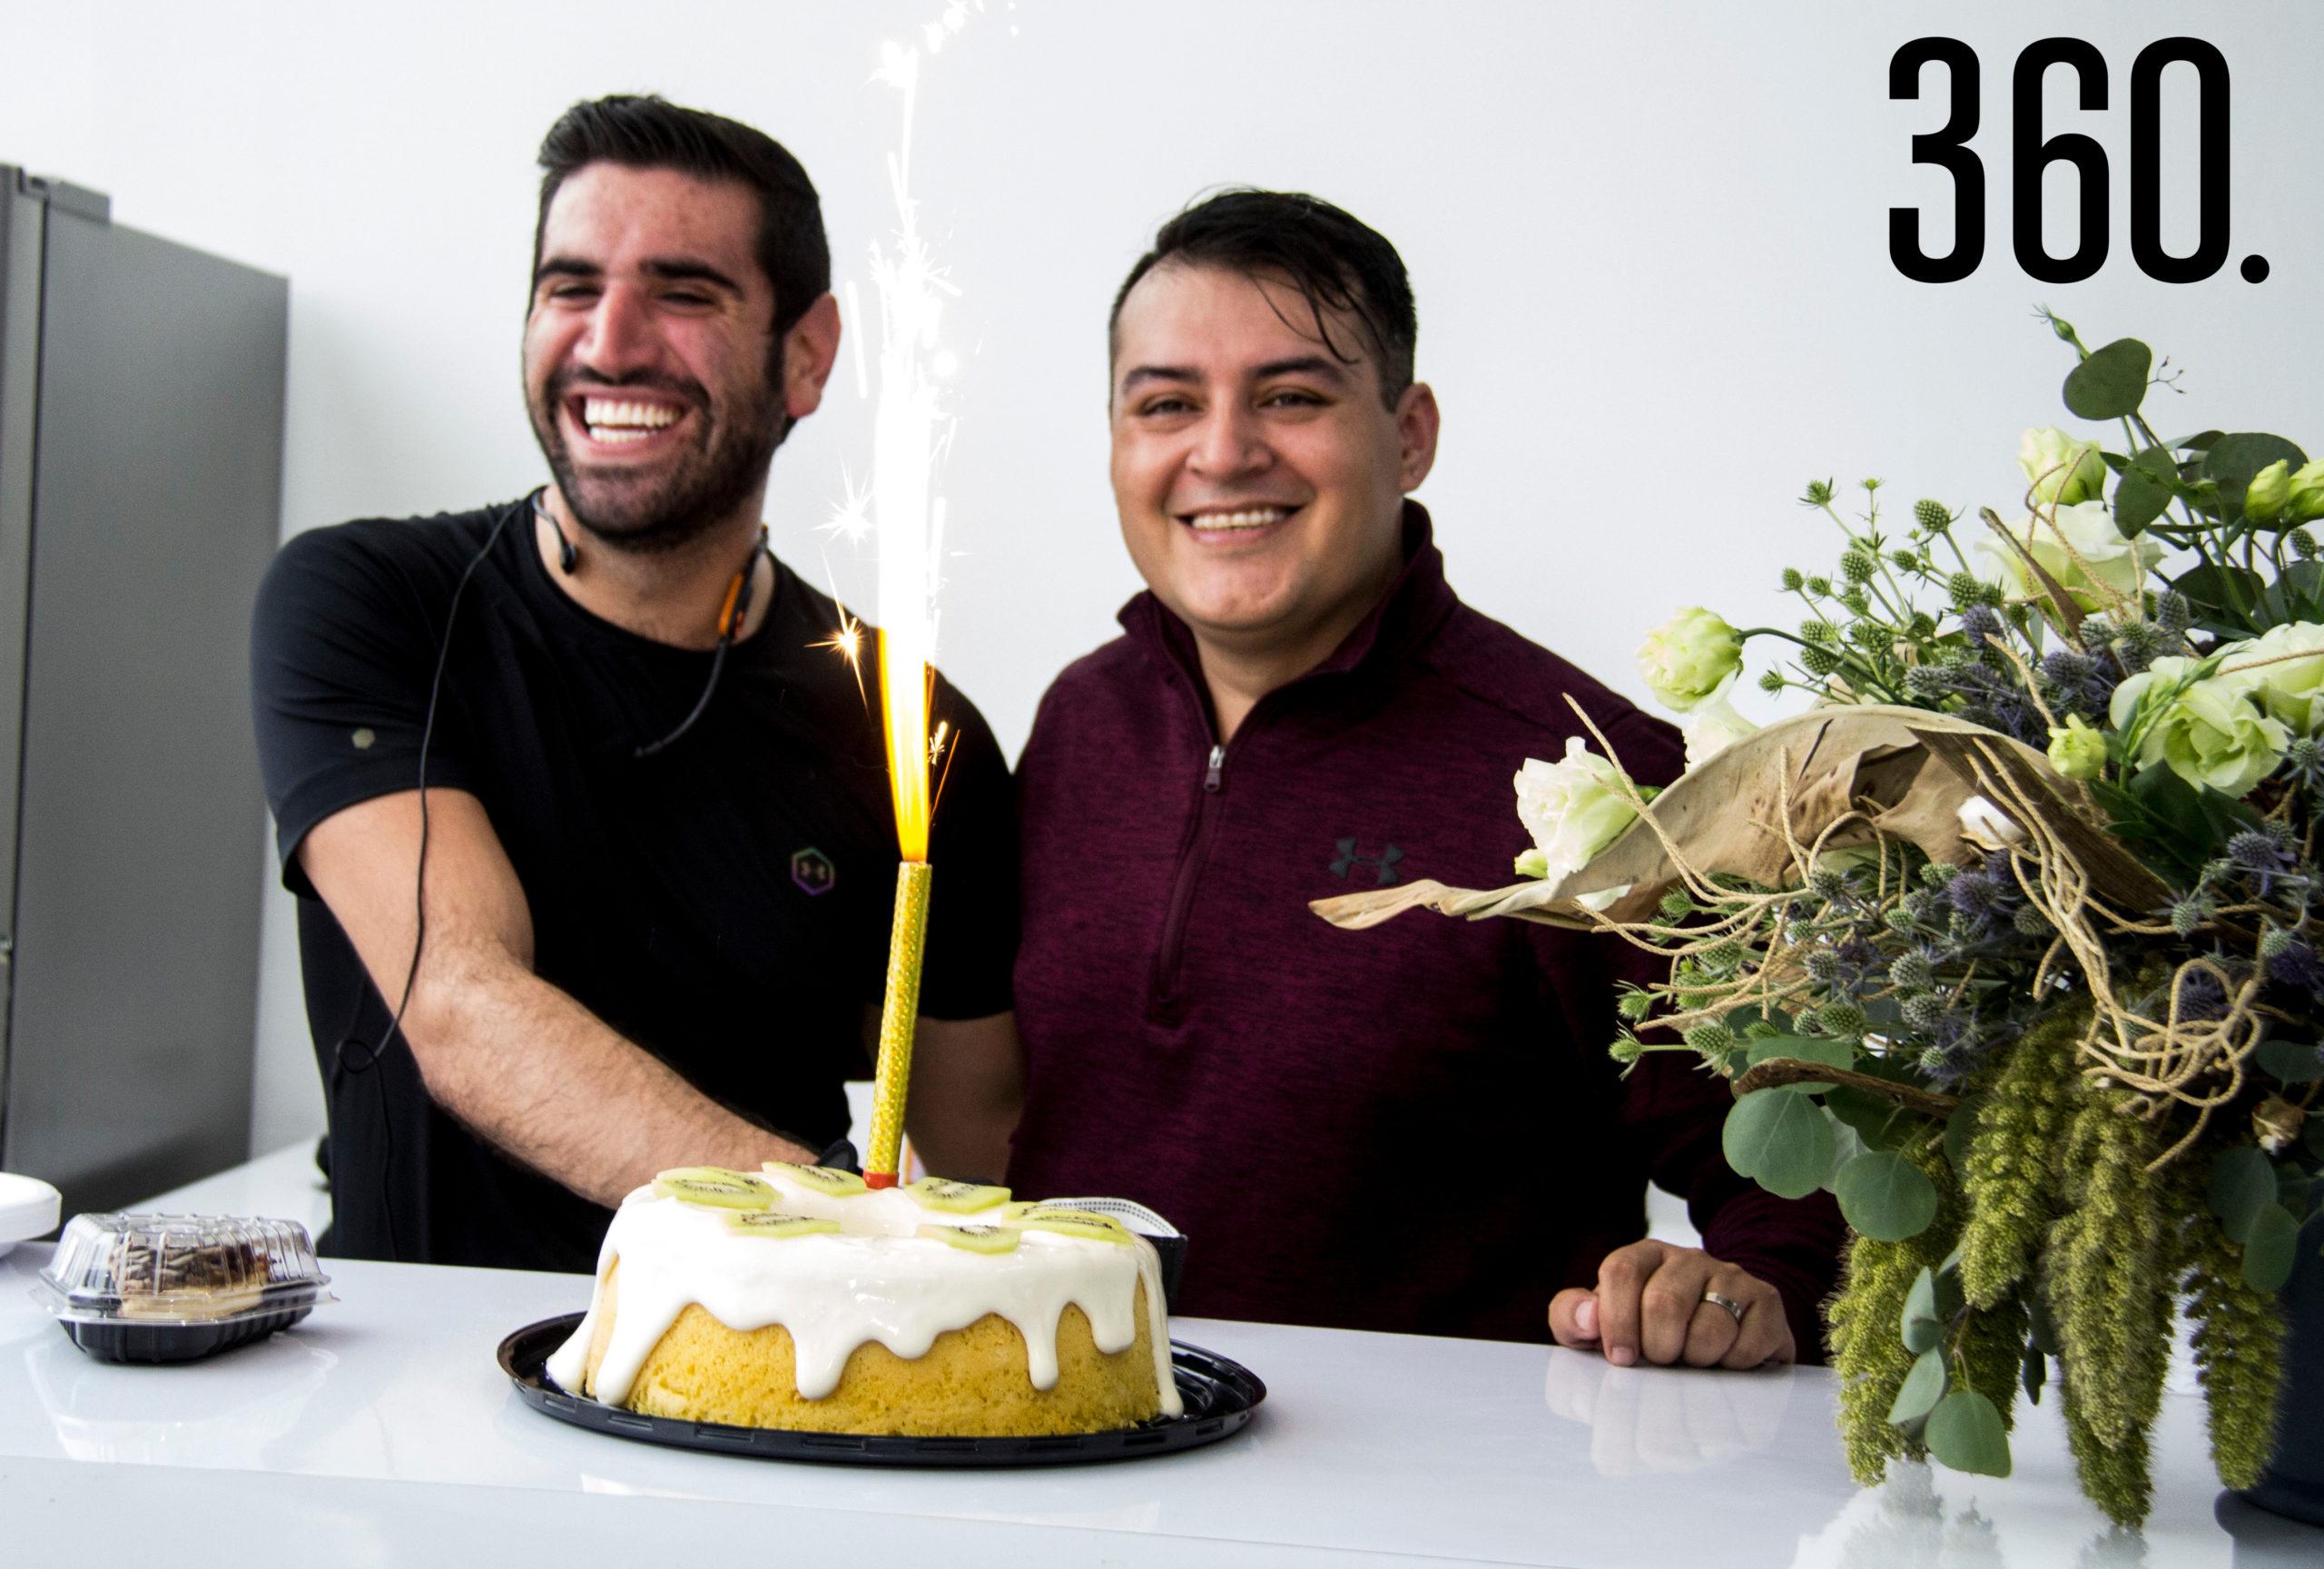 El coach Bernardo González y Jorge Cordero celebraron su cumpleaños en Cykel.